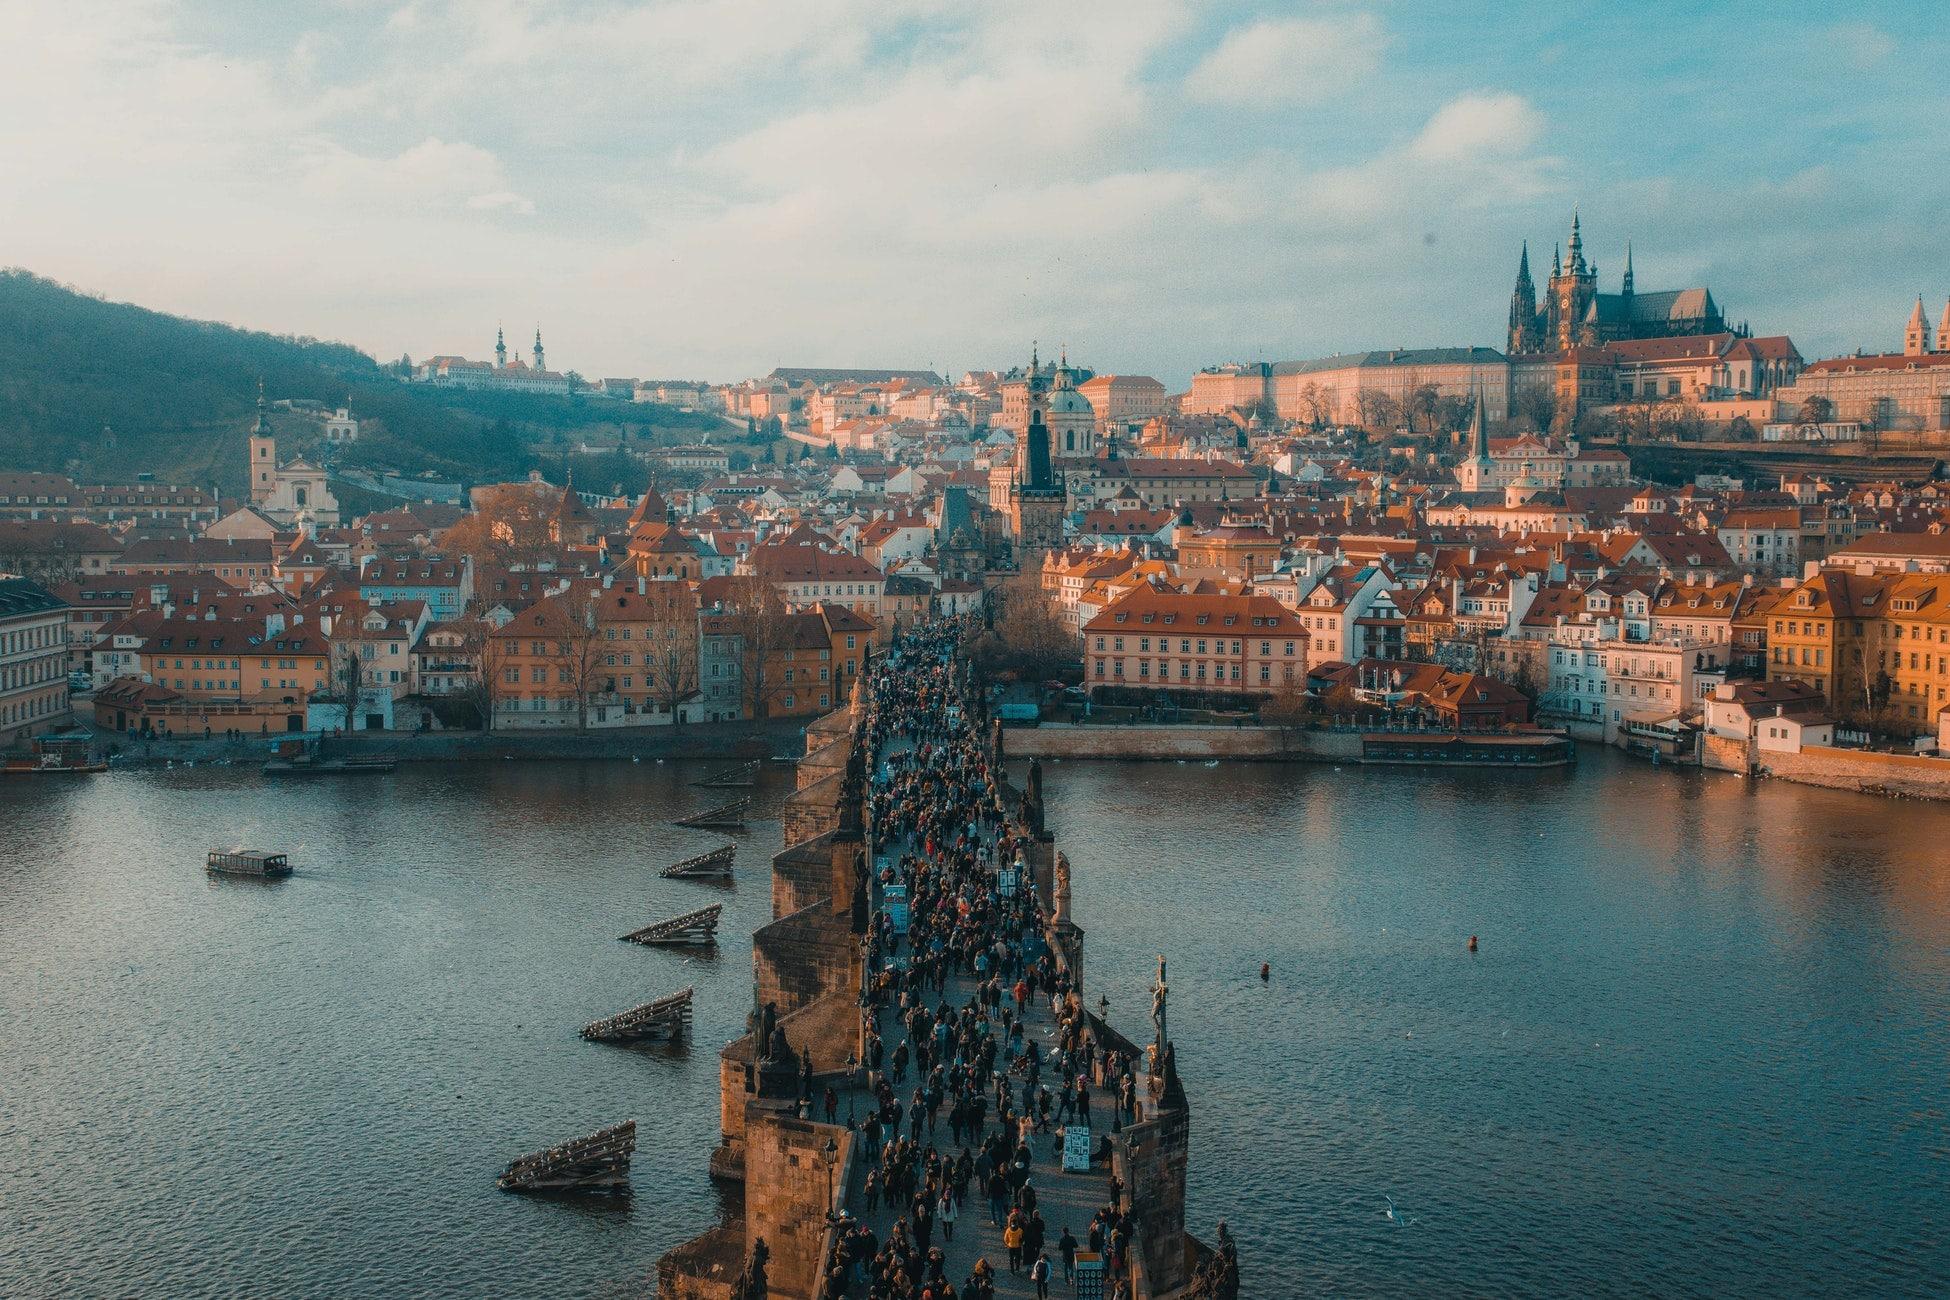 Vols A/R pour Prague dès 61€ par personne en avril/mai